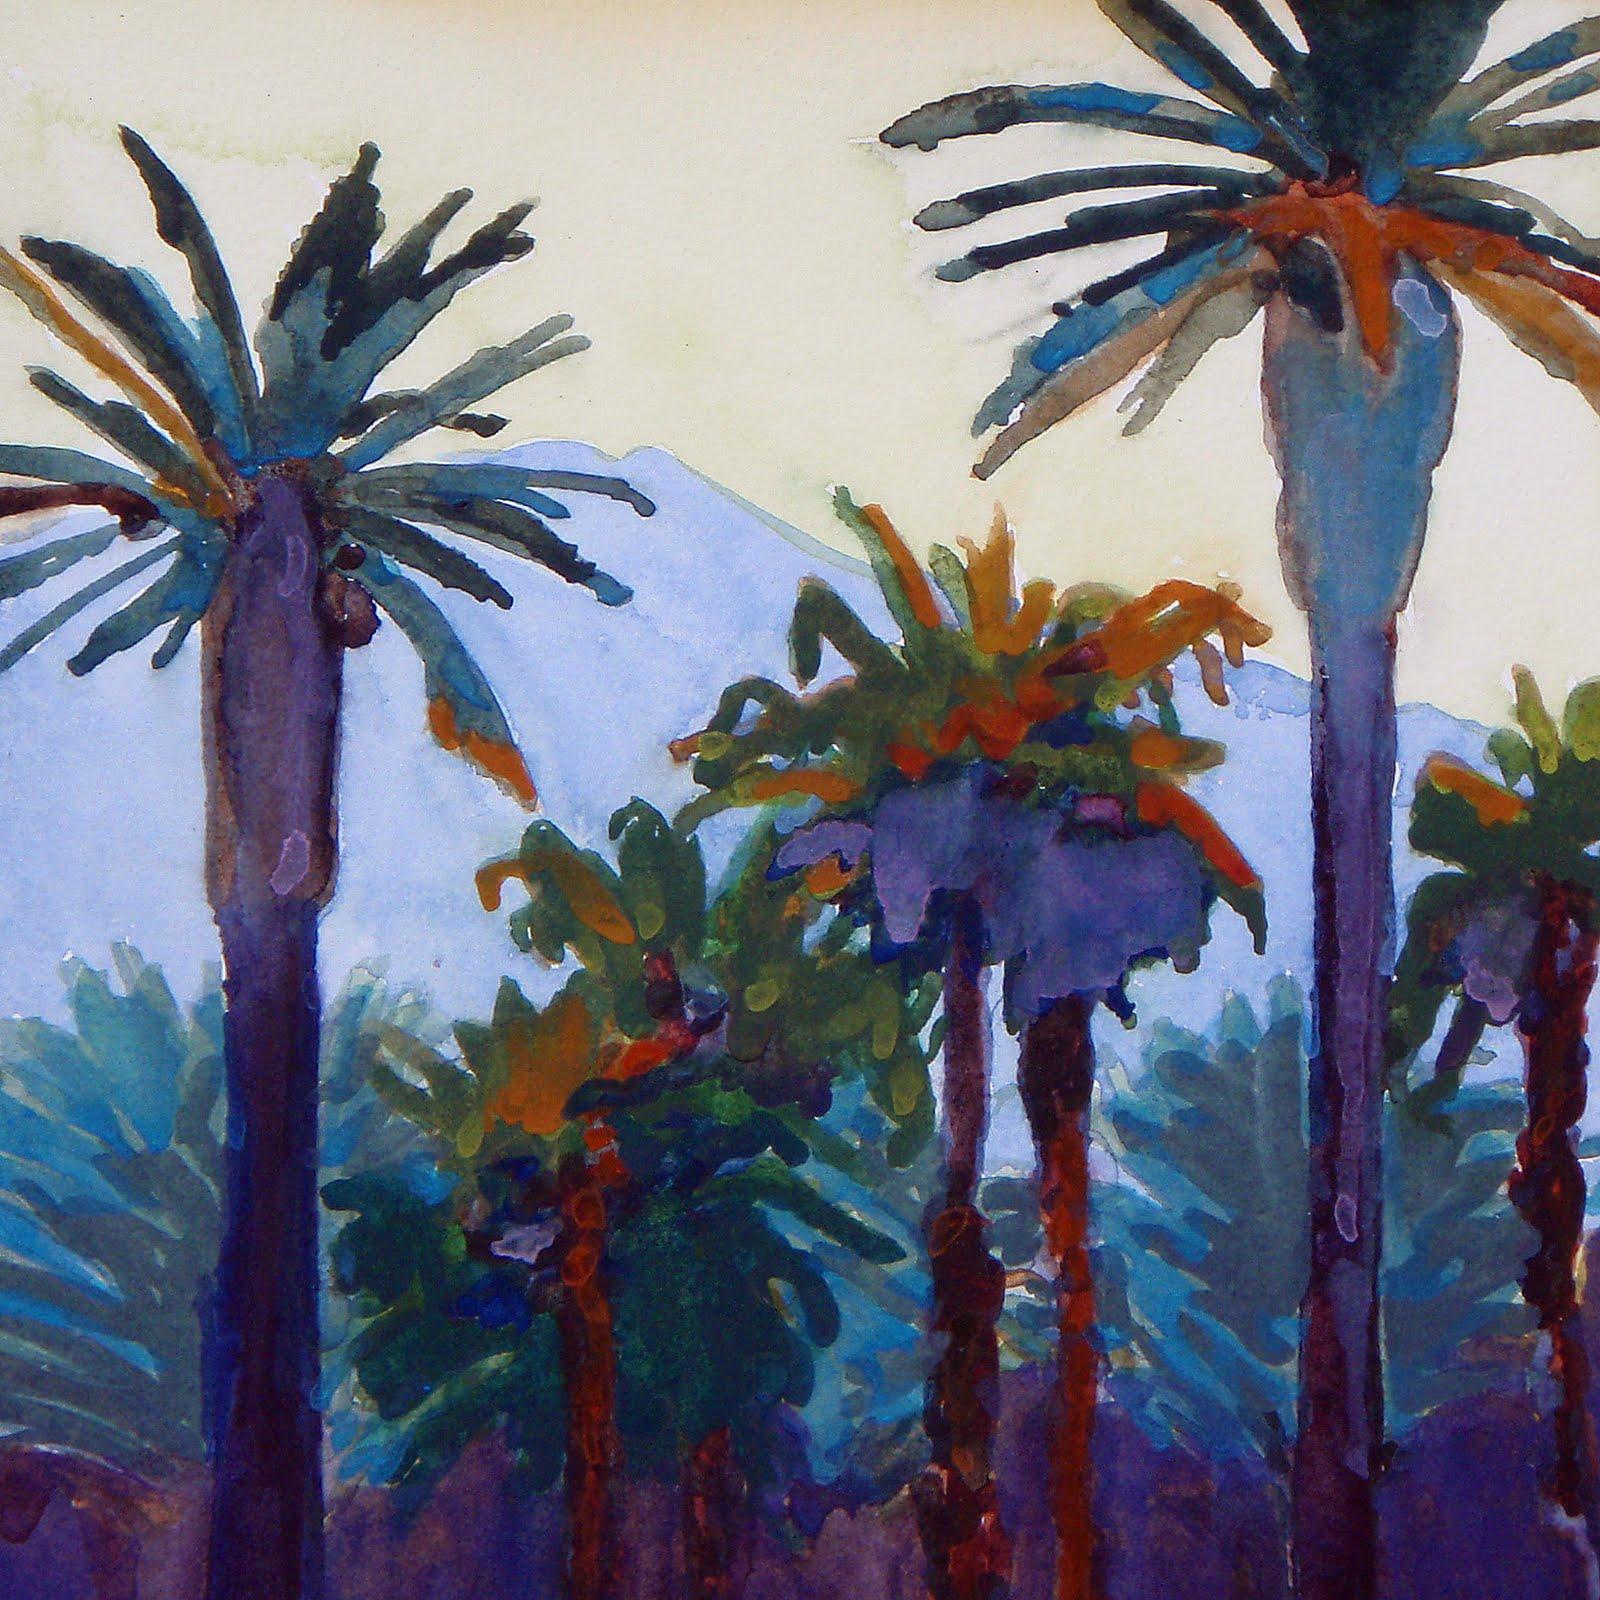 Watercolor artist magazine palm coast fl - Saturday March 12 2011